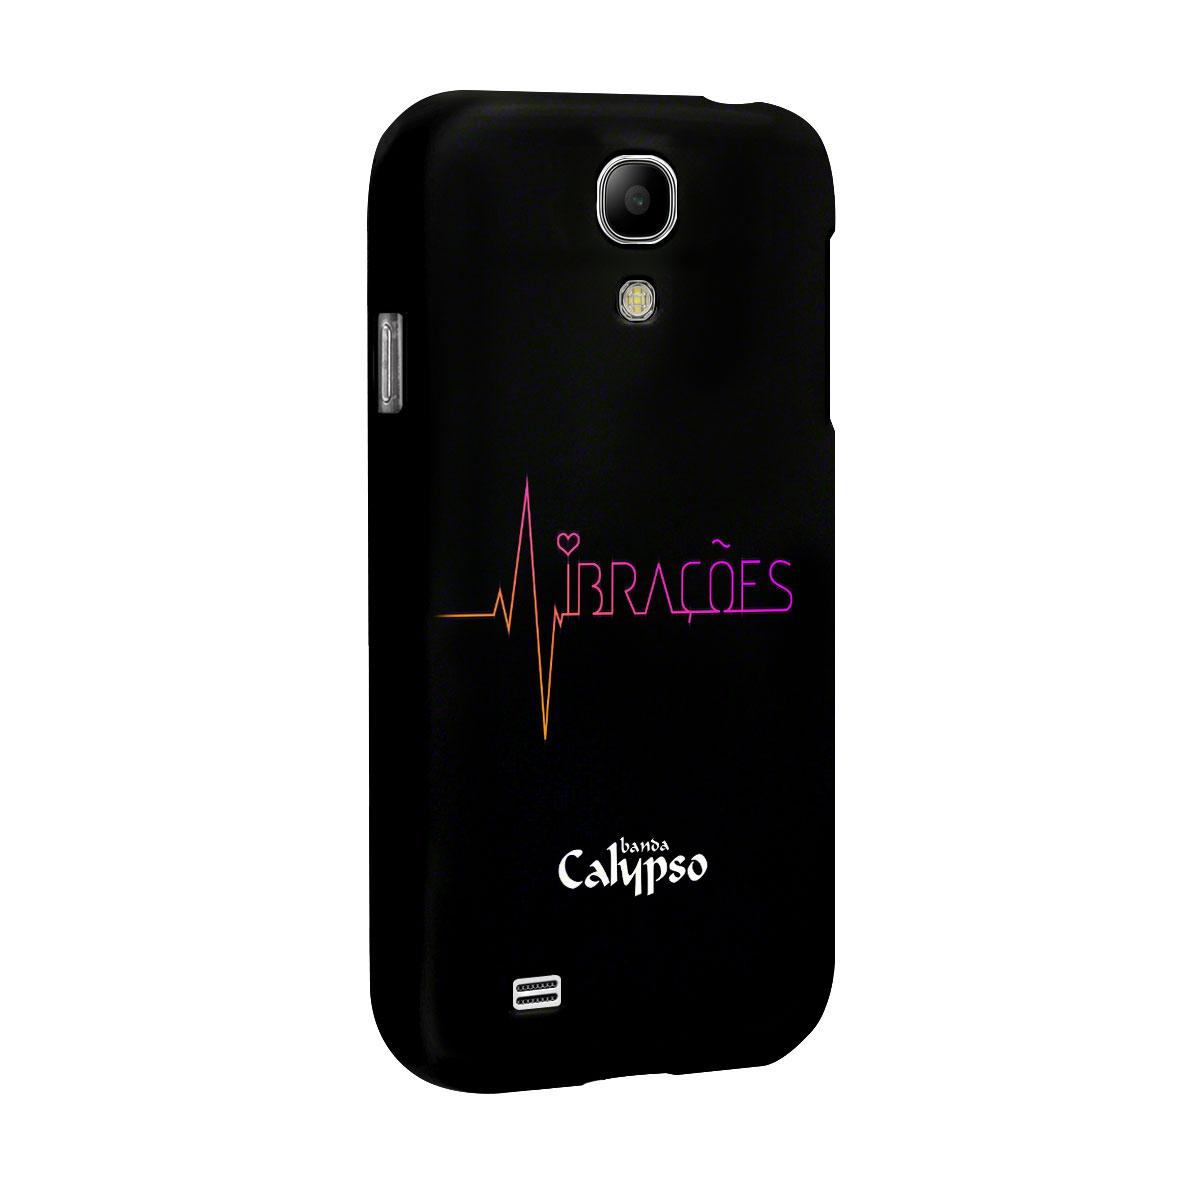 Capa de Celular Samsung Galaxy Calypso S4 Vibrações